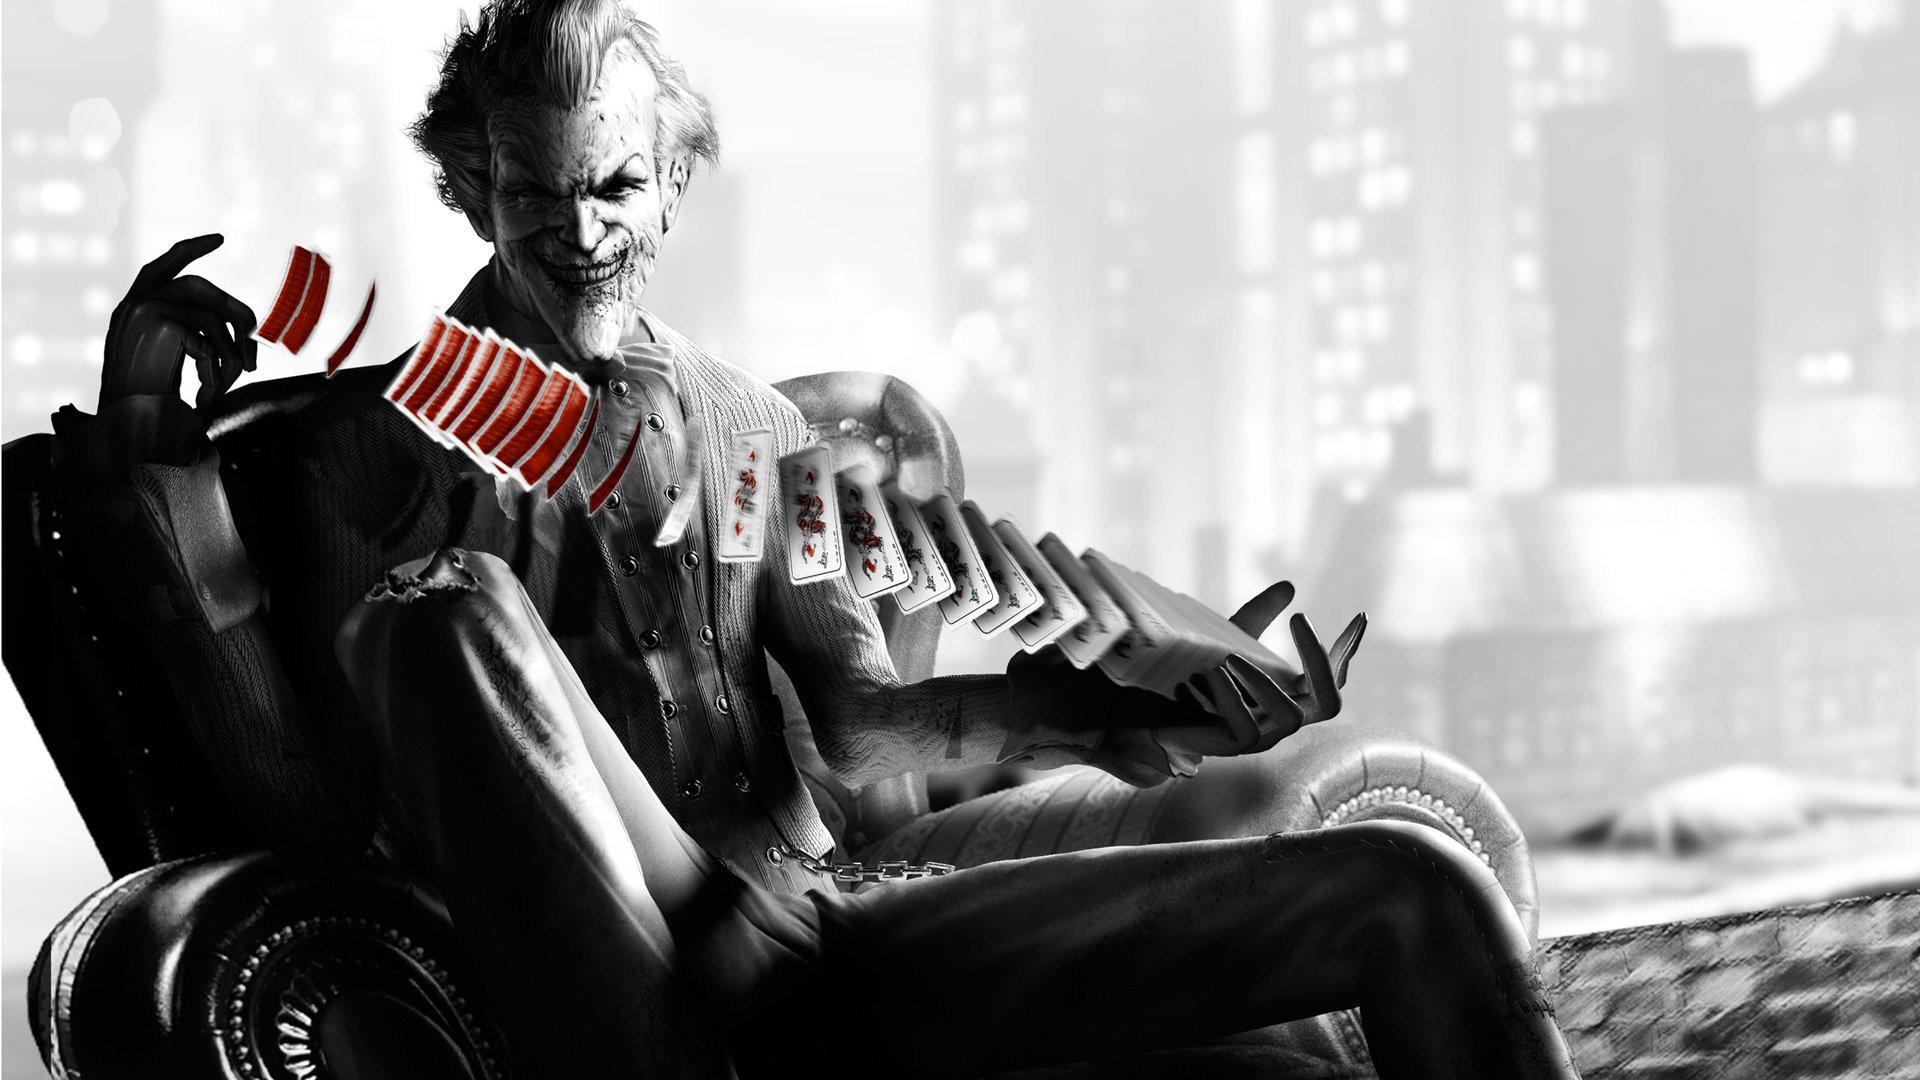 Dc Comics Wallpapers Batman Arkham City Joker Wallpaper 1920×1080 #23054 HD  Wallpaper Res .